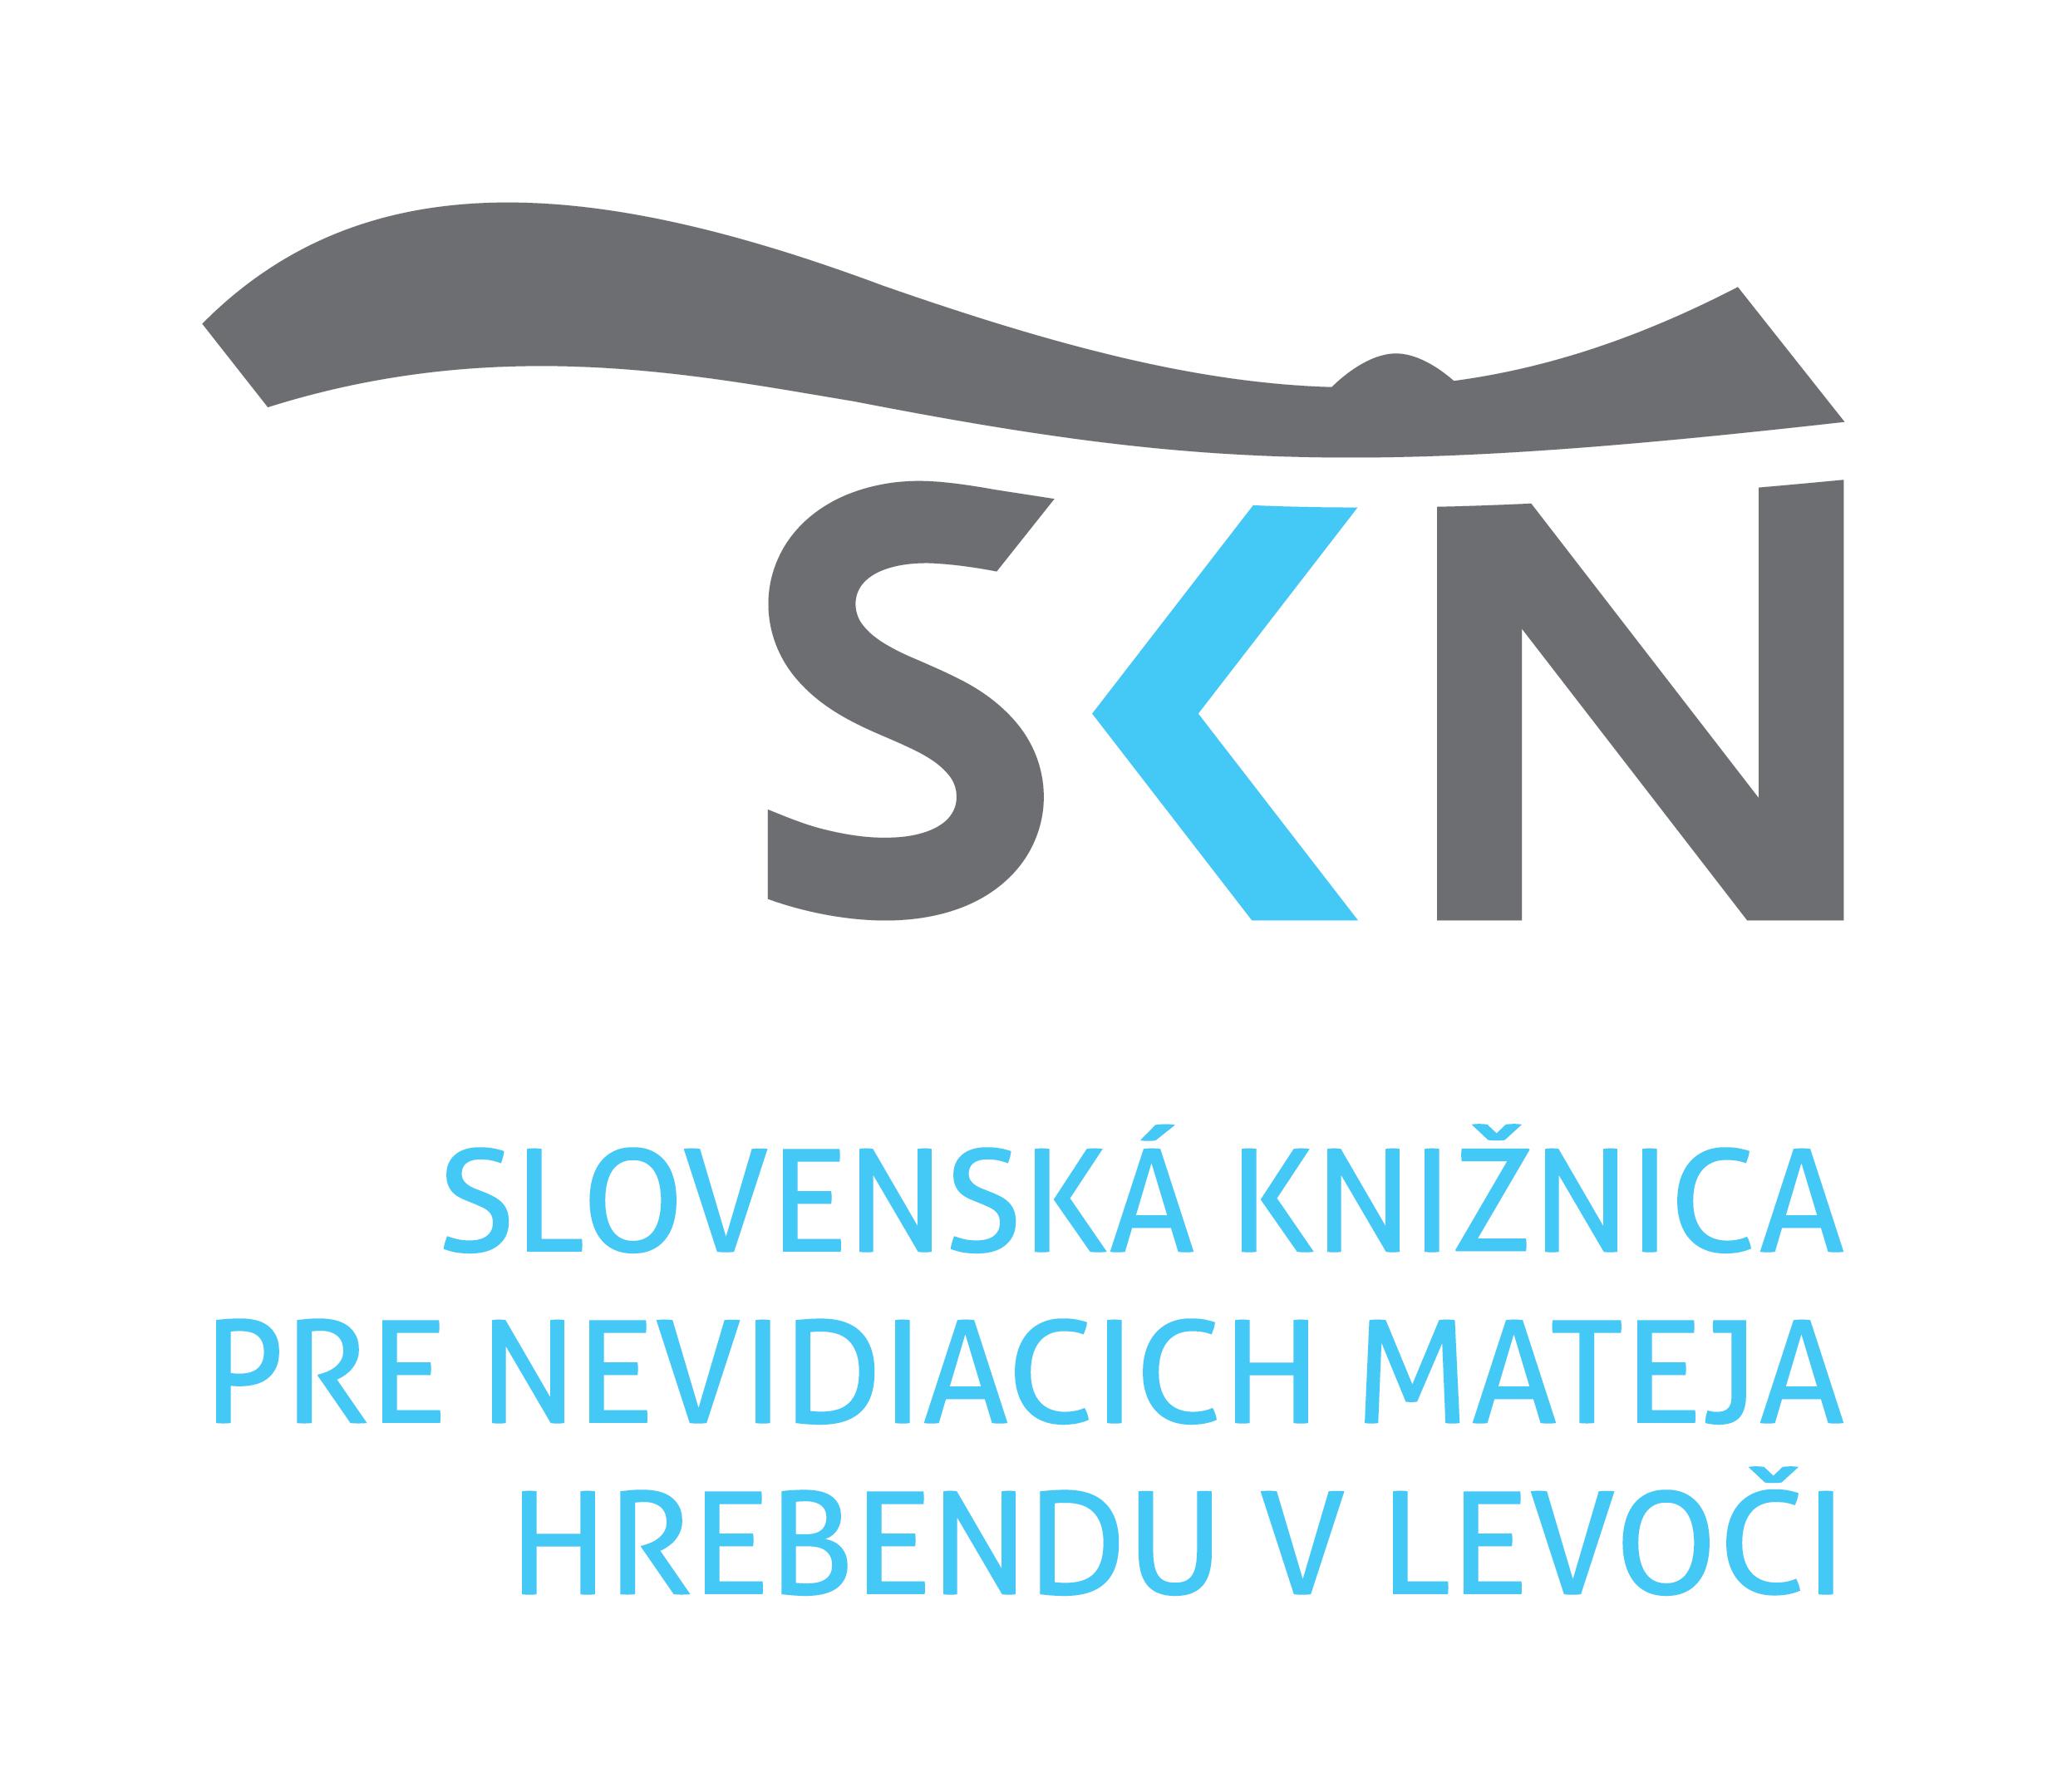 Slovenská knižnica pre nevidiacich